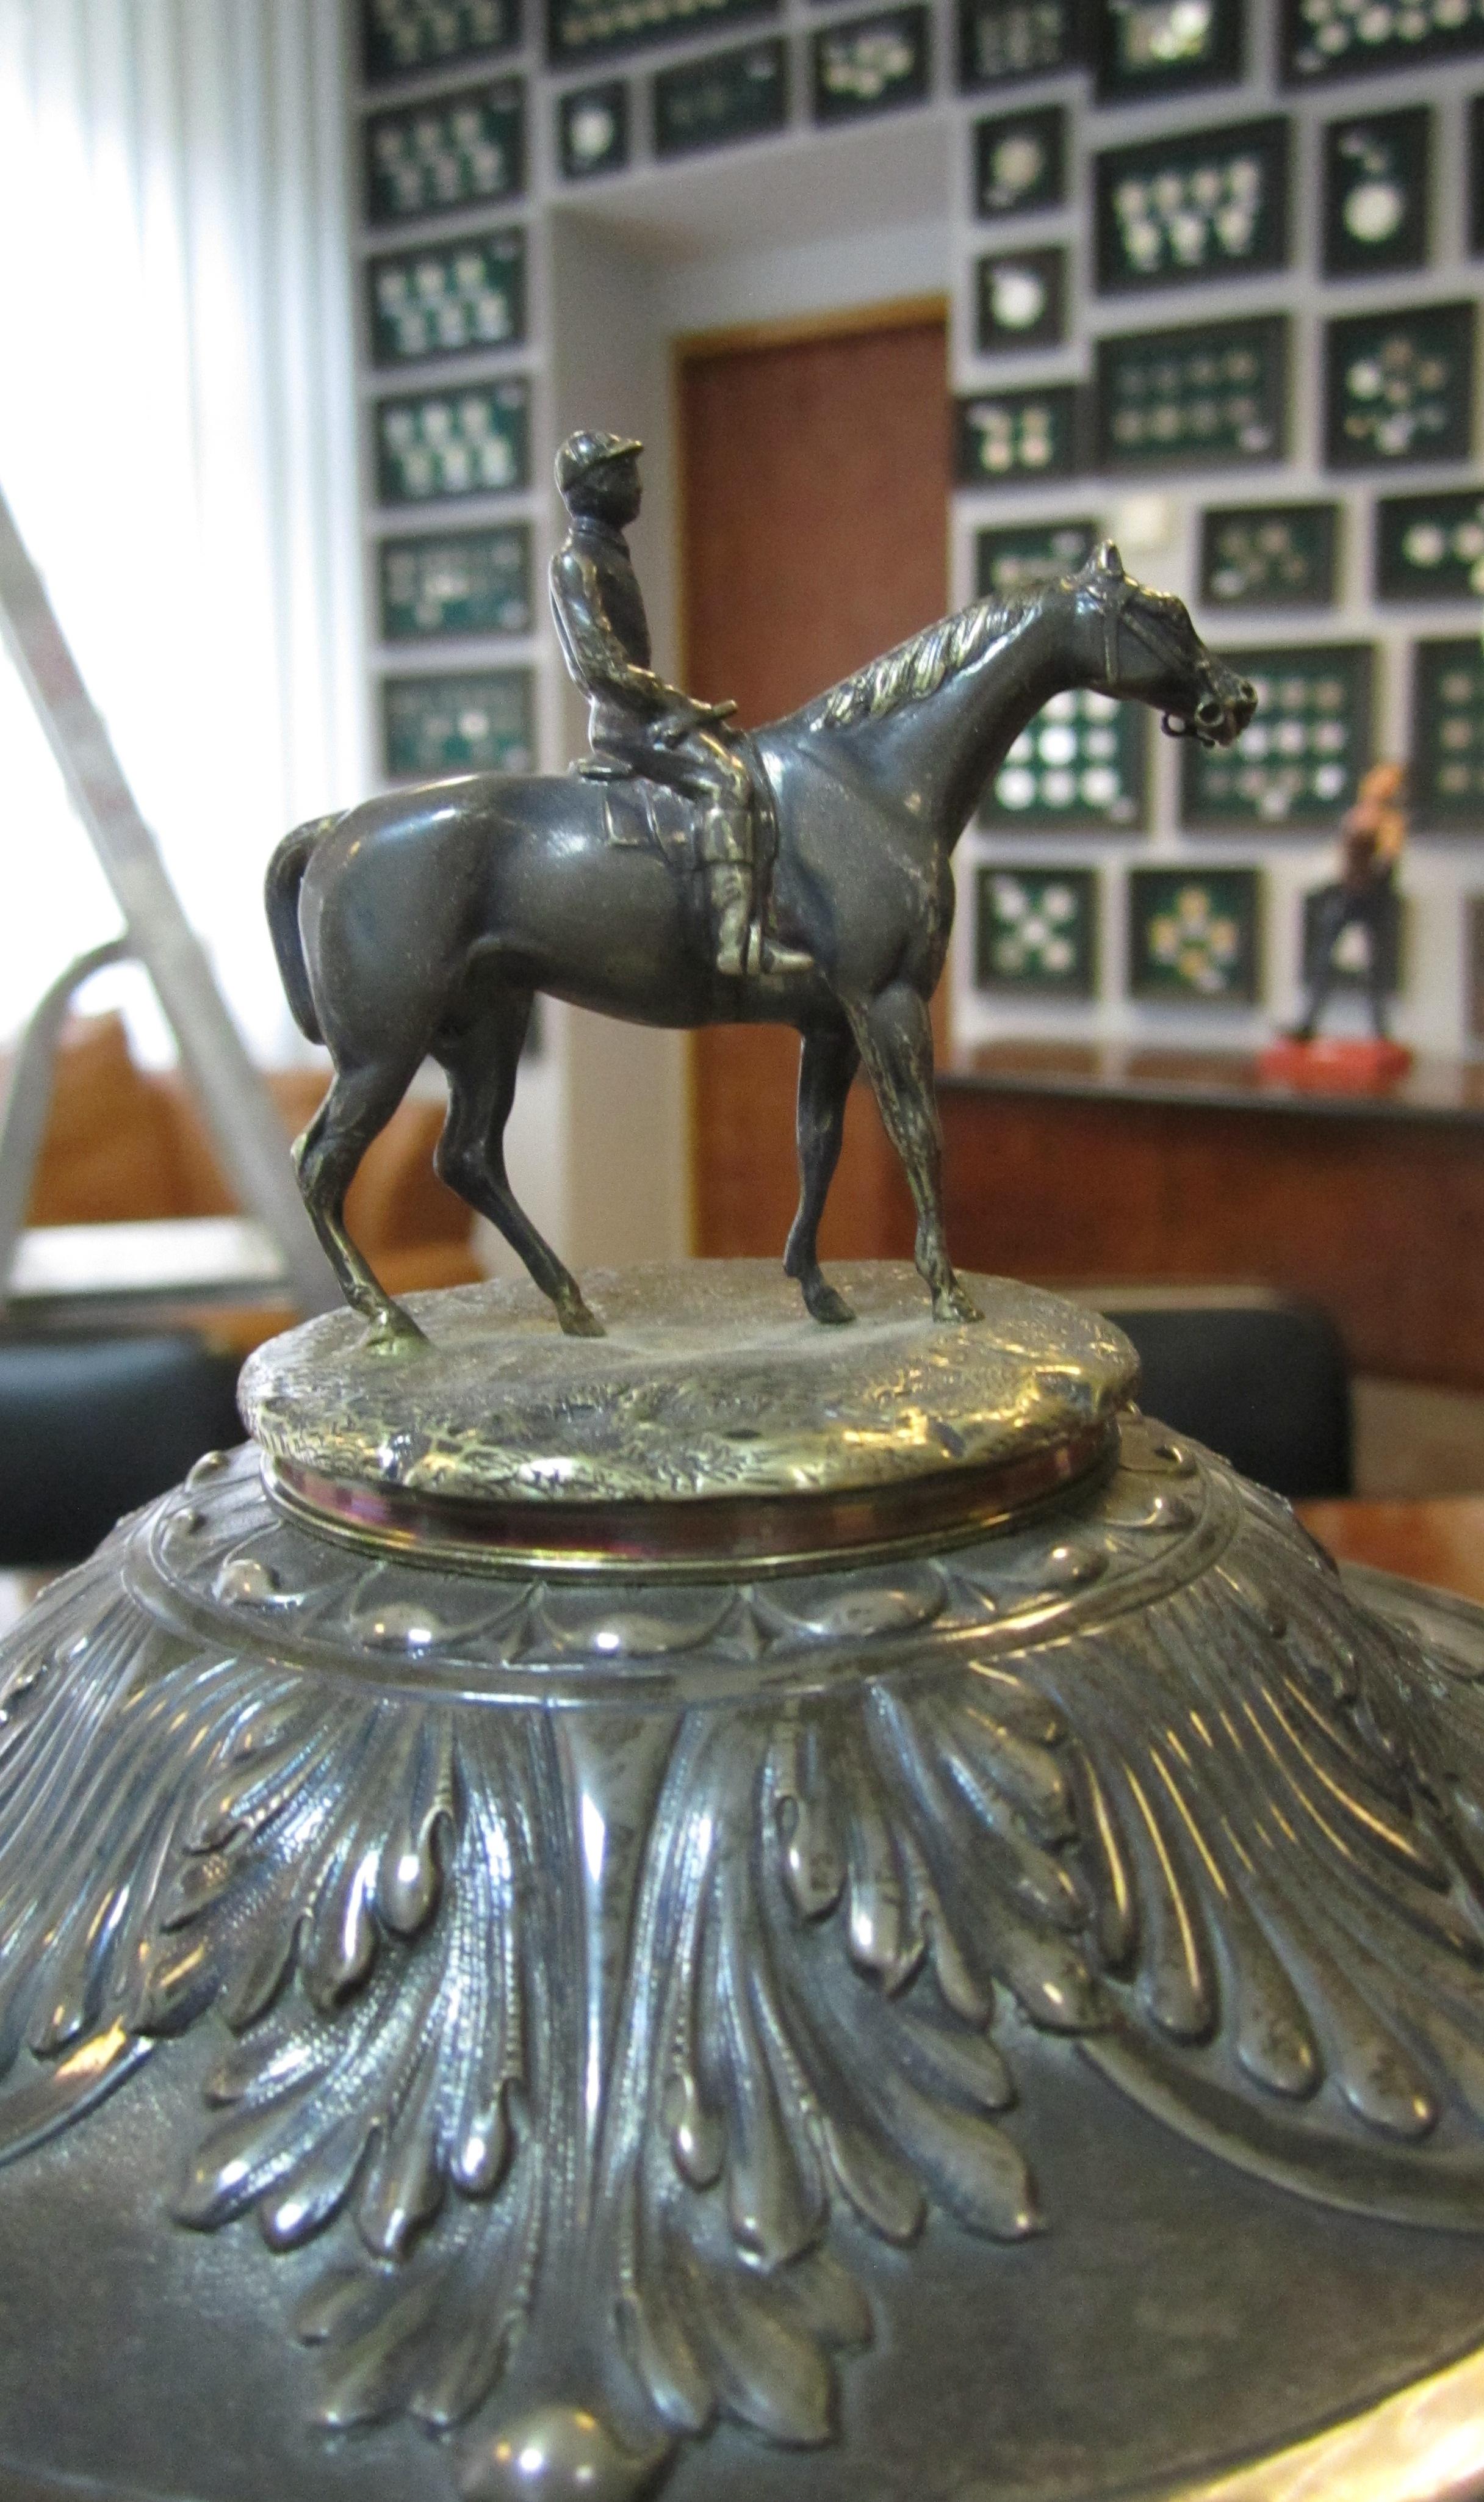 Чашка  виготовлена зі срібла 800 проби. Прикрашена позолоченою фігурою жокея на коні, чеканним зображенням скачок та орнаментом. Клейма на кришці f.M. , інв.№ 56242